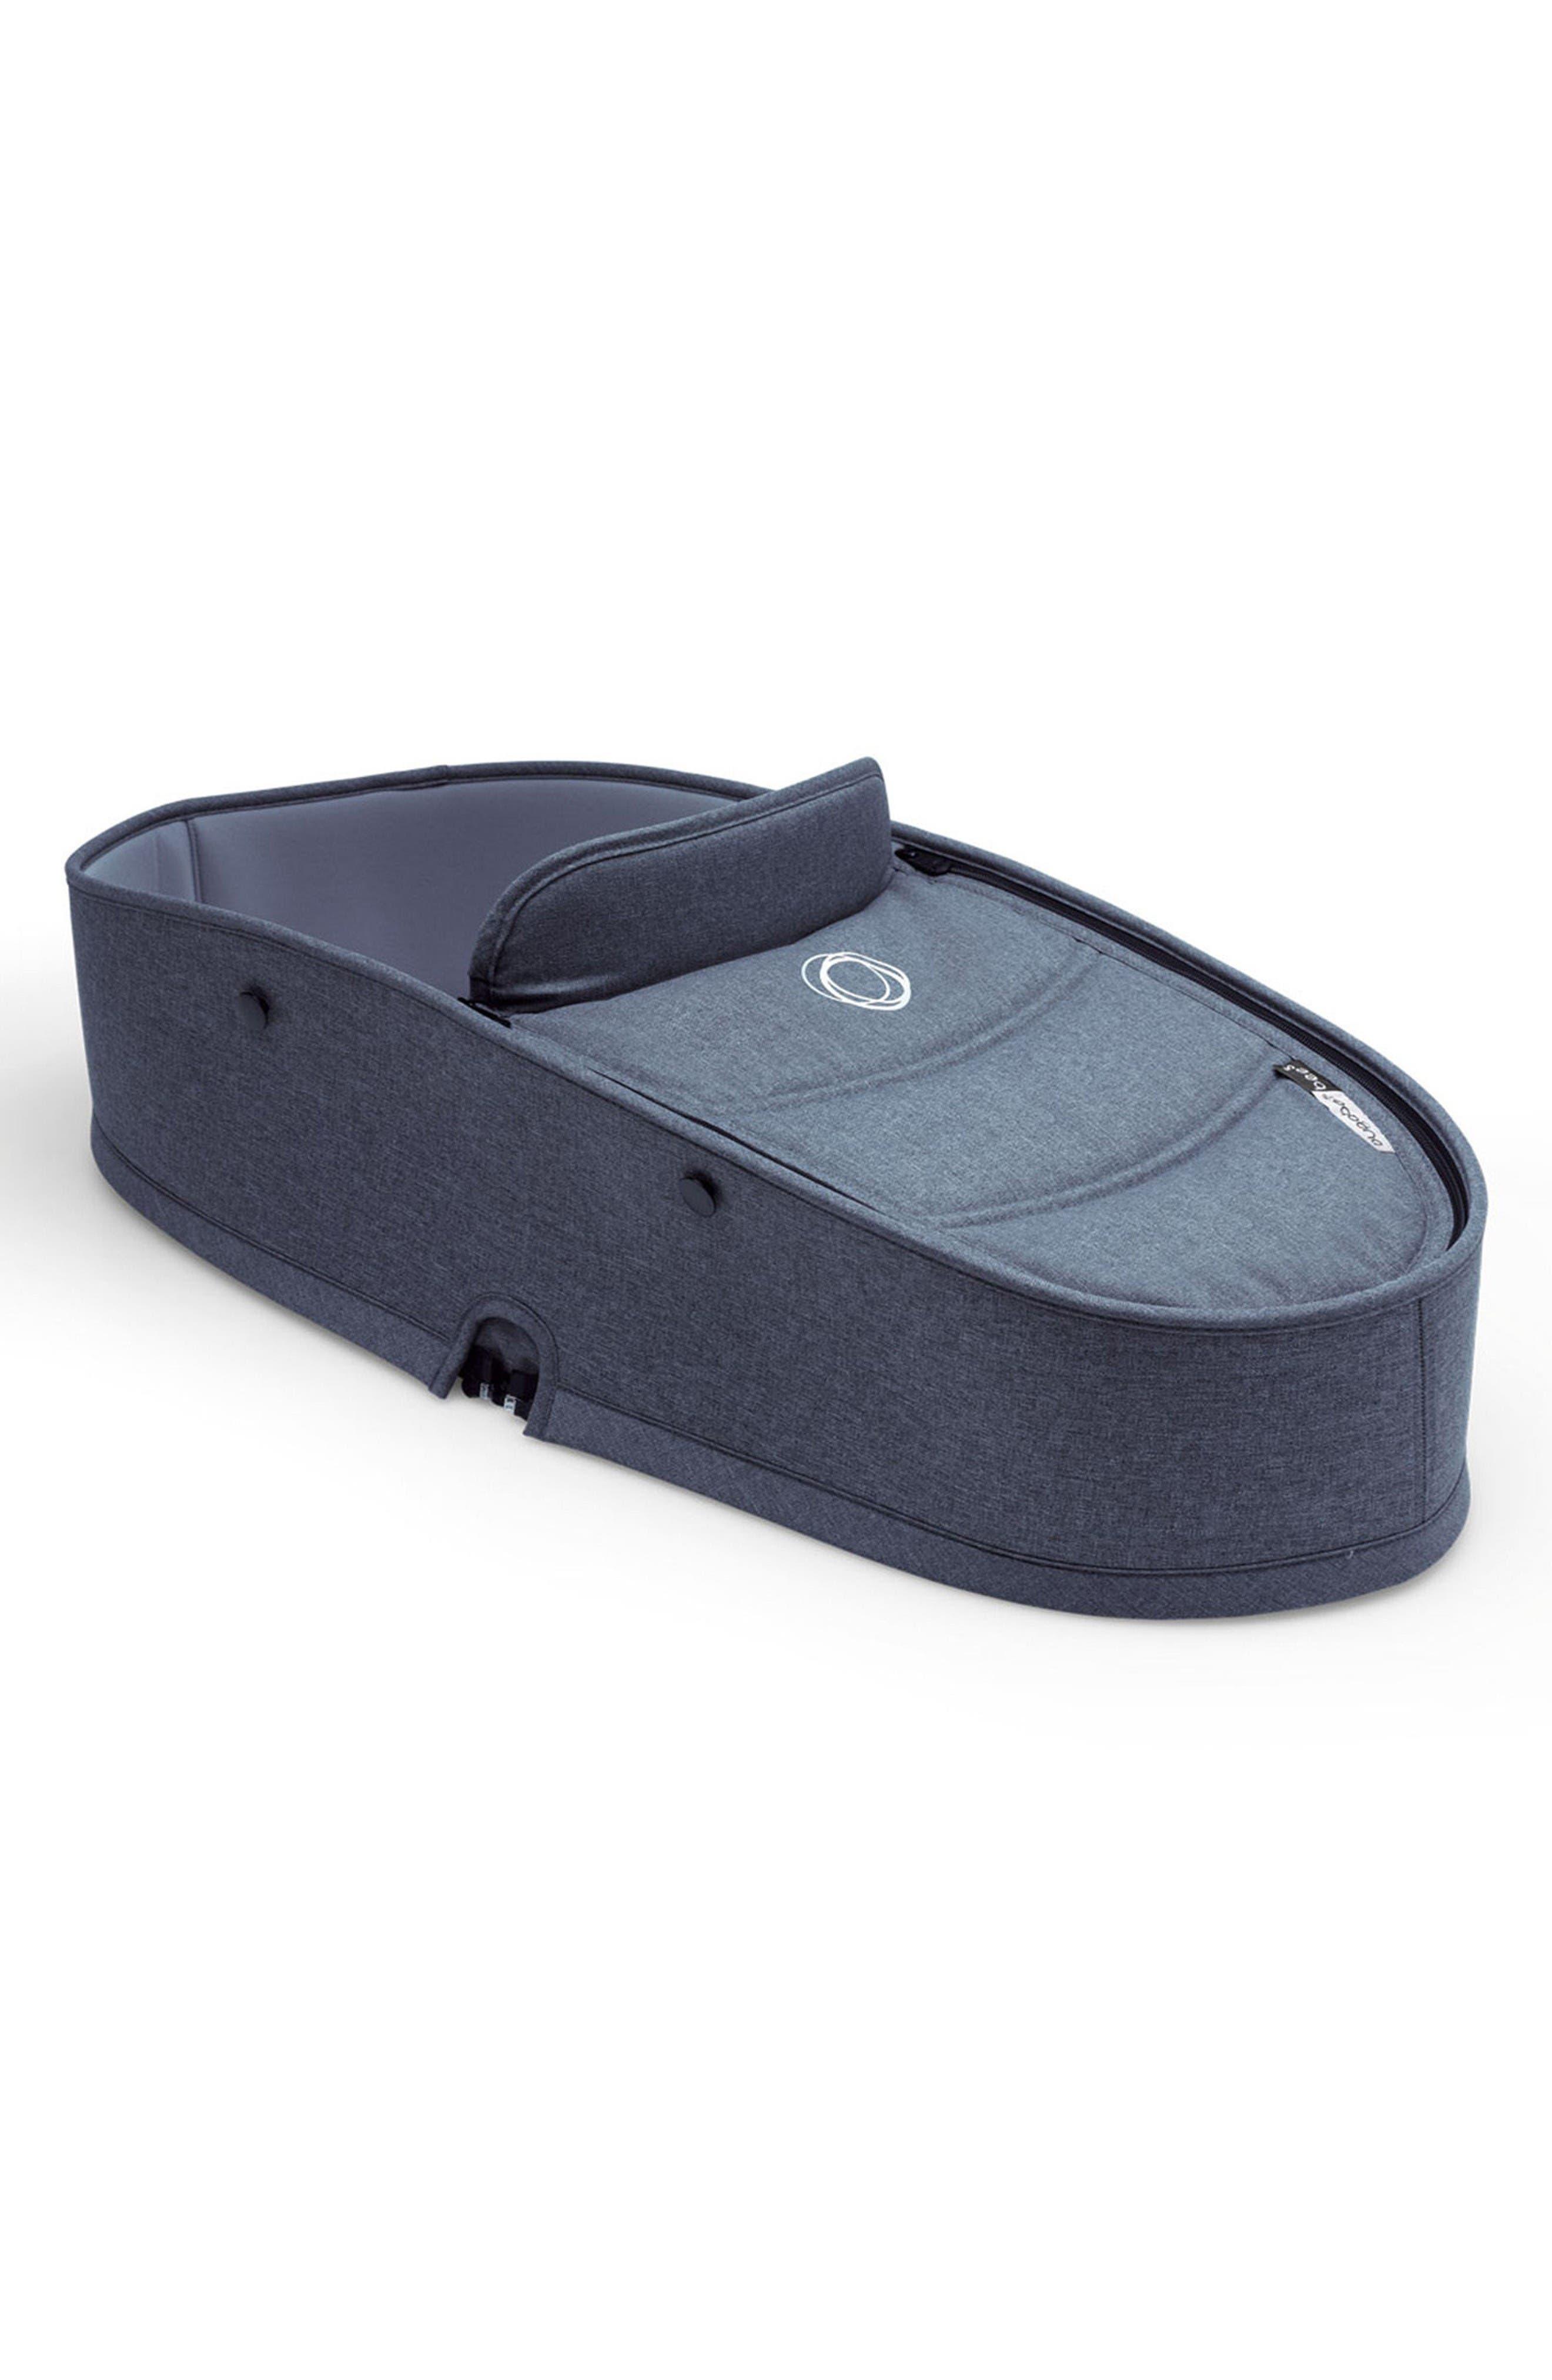 Bee5 Stroller Bassinet Tailored Fabric Set,                         Main,                         color, Blue Melange